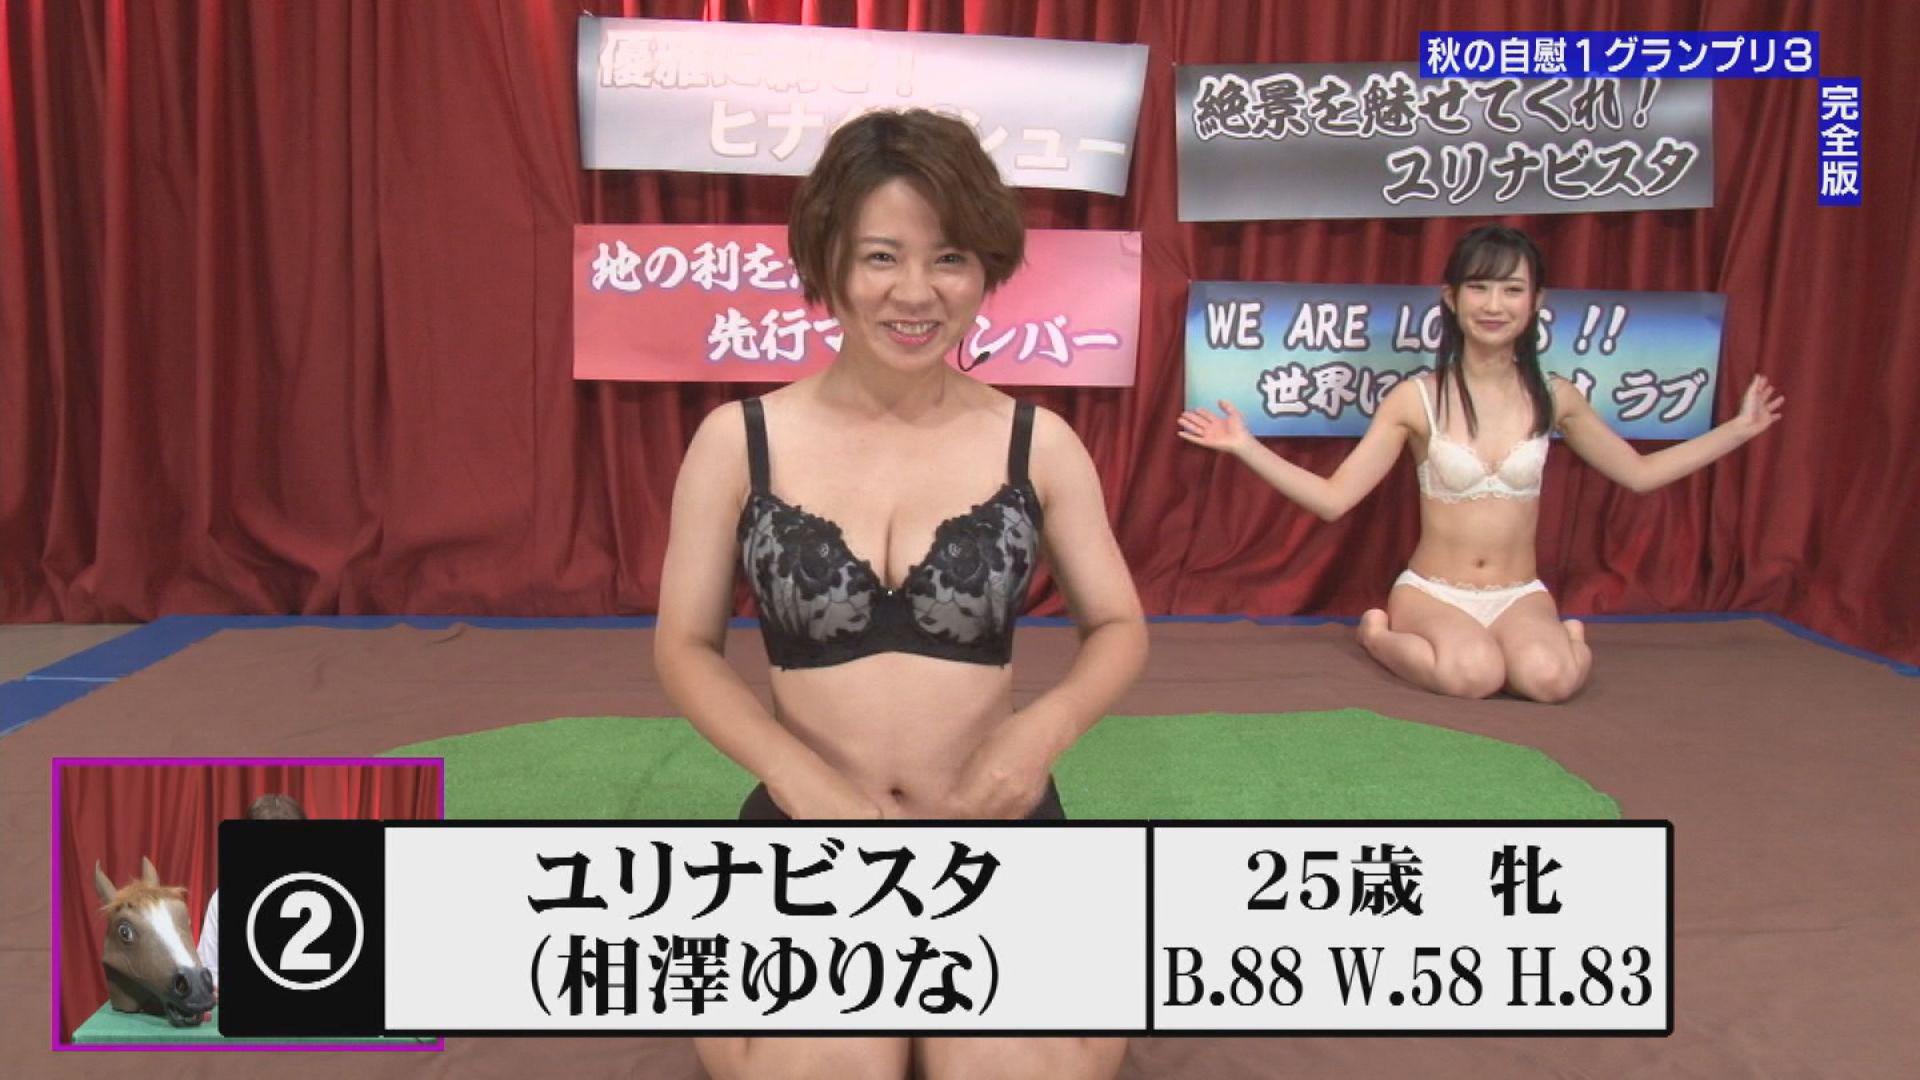 美少女たちが初出走!秋の自慰1グランプリ(3)完全版~恥ずかしいけど賞金目指してオナニーしちゃいます